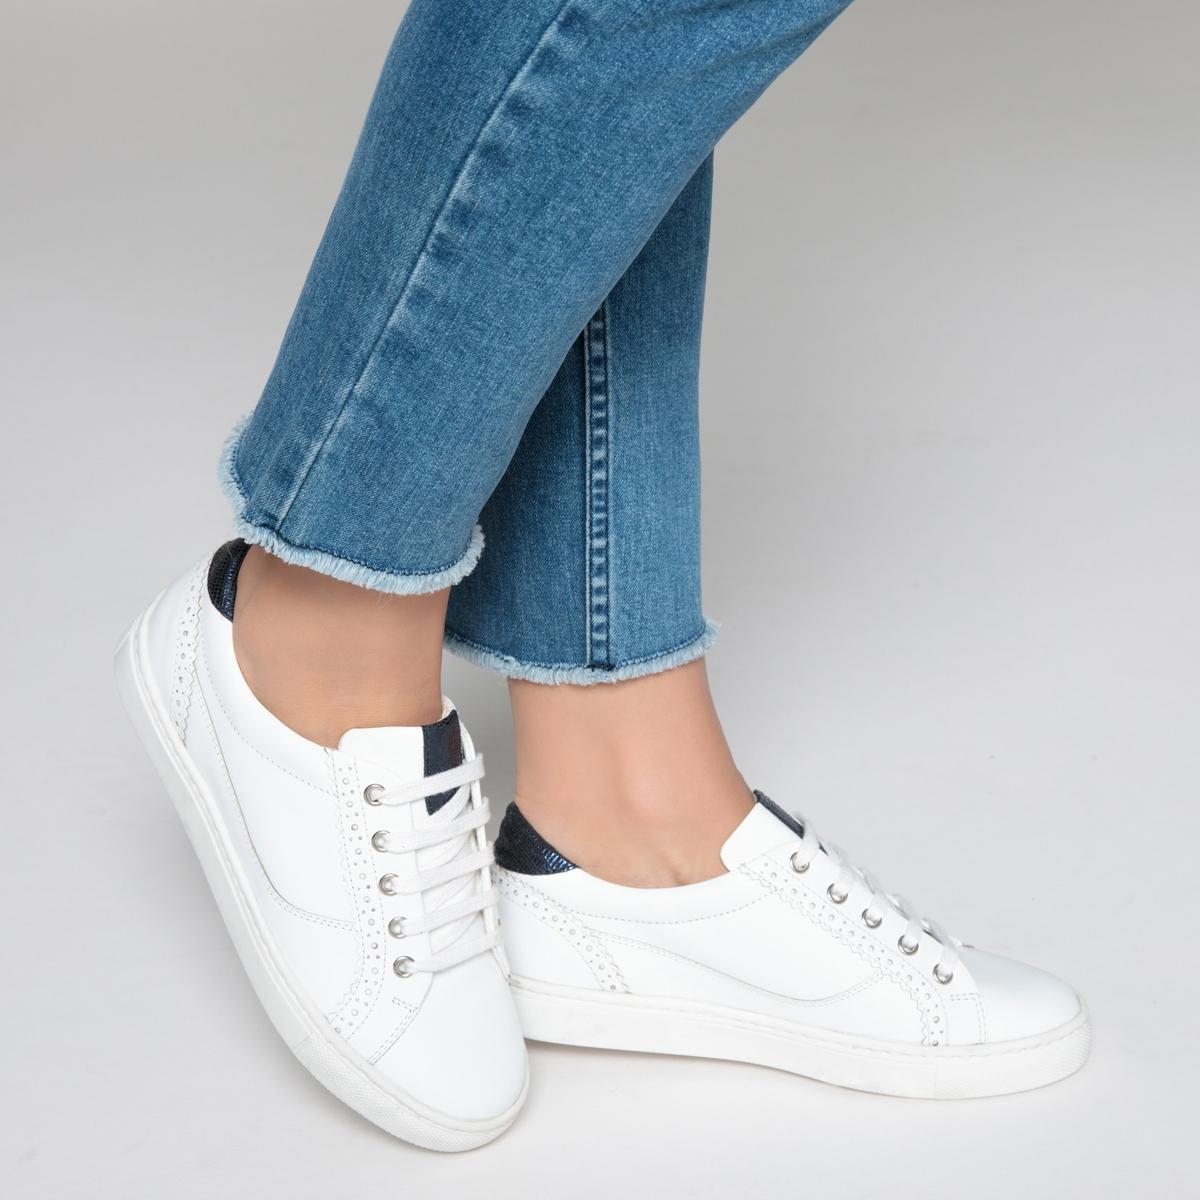 Zapatillas deportivas de piel con detalle troquelado en el talón